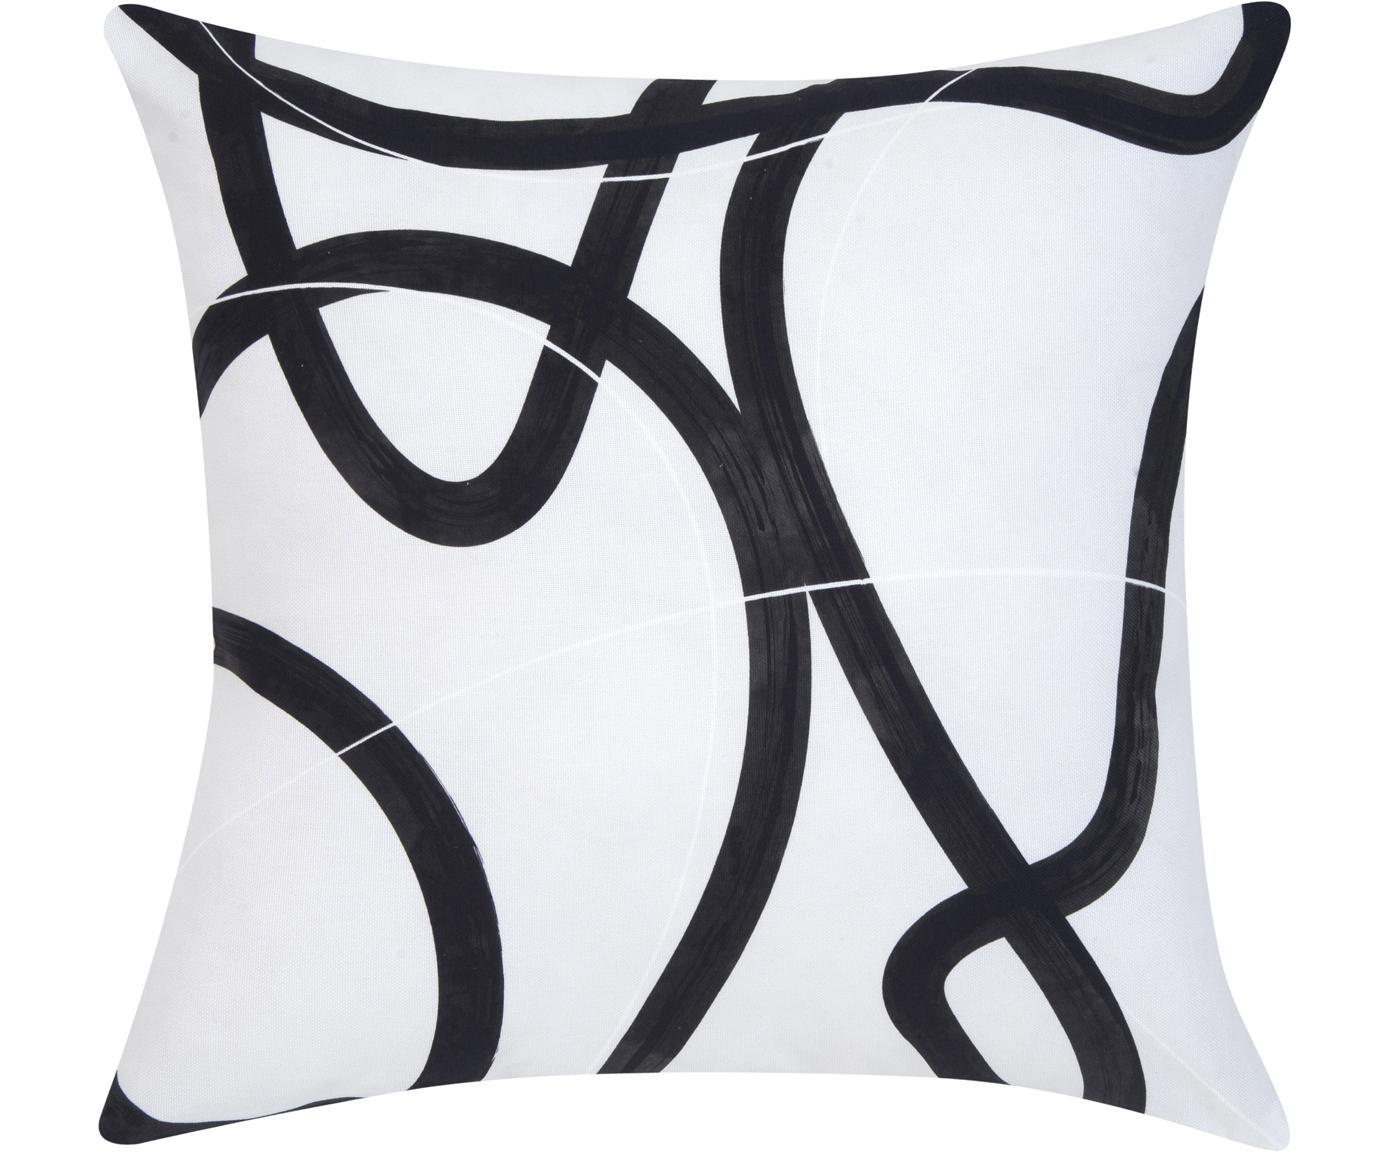 Poszewka na poduszkę Elijah, Bawełna, Beżowy, czarny, biały, S 40 x D 40 cm